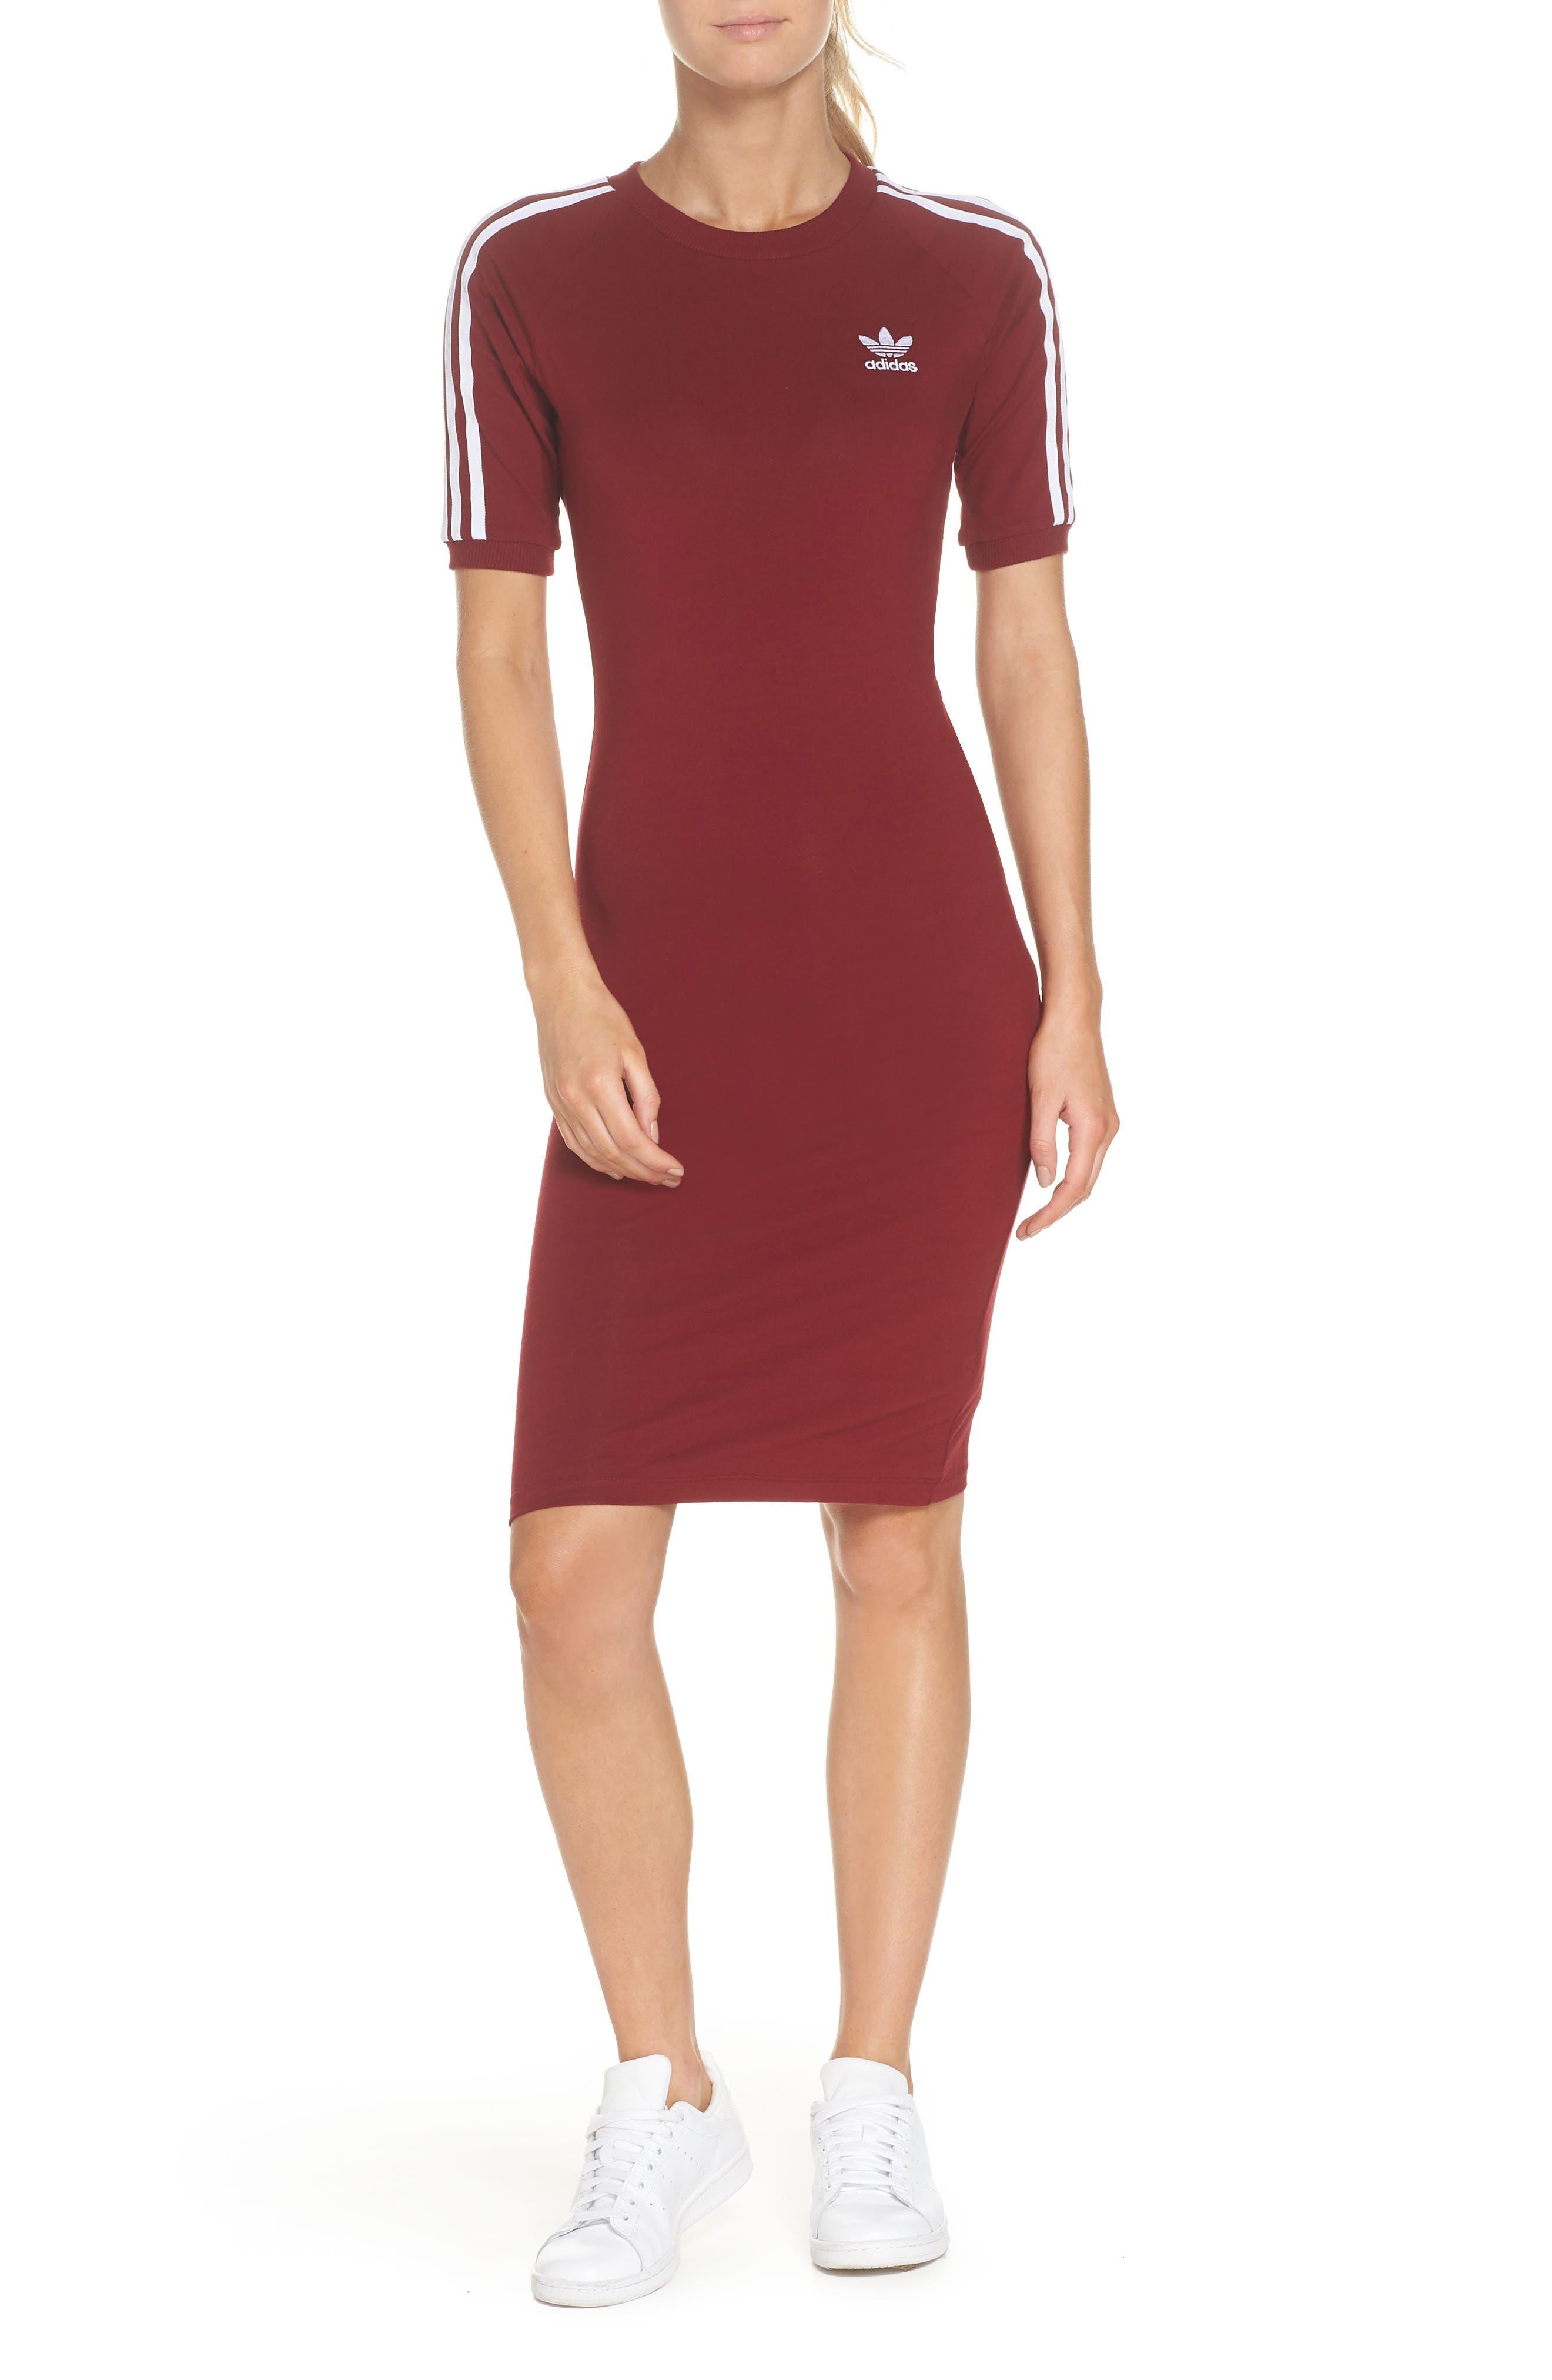 Originals 3-Stripes Dress,                         Main,                         color, 930